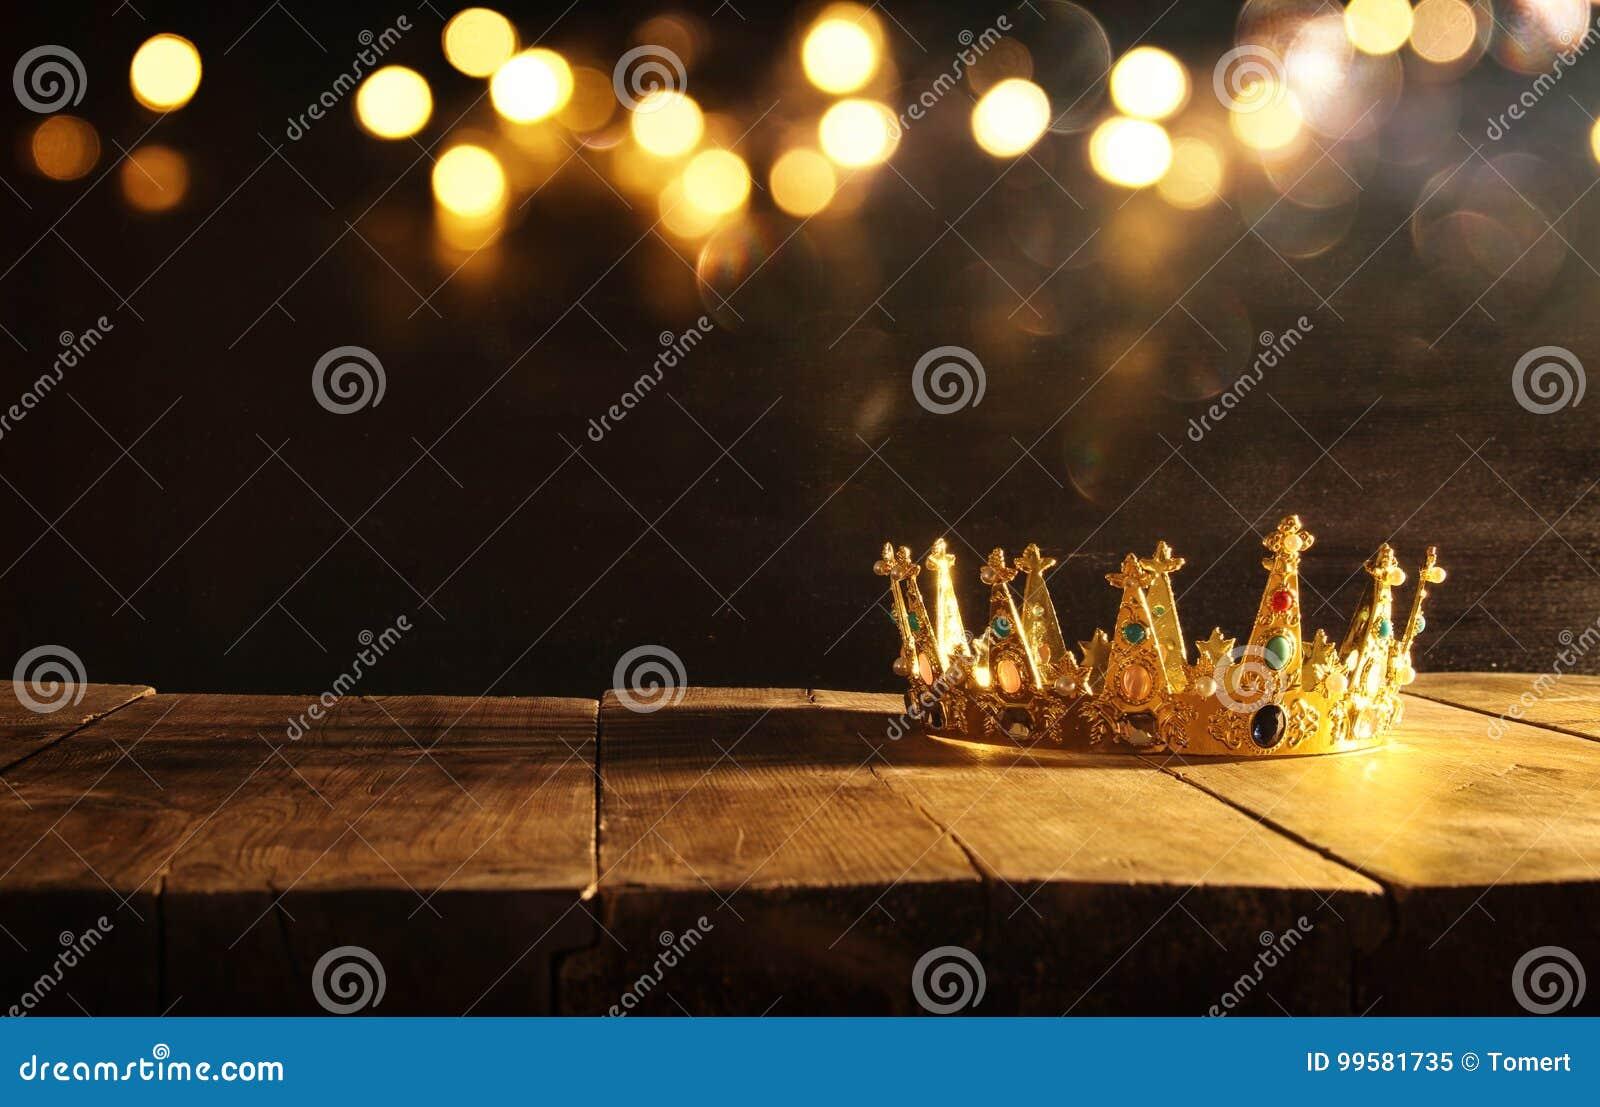 Depresja klucz królowa, królewiątko korona nad drewnianym stołem/ Rocznik filtrujący fantazja średniowieczny okres